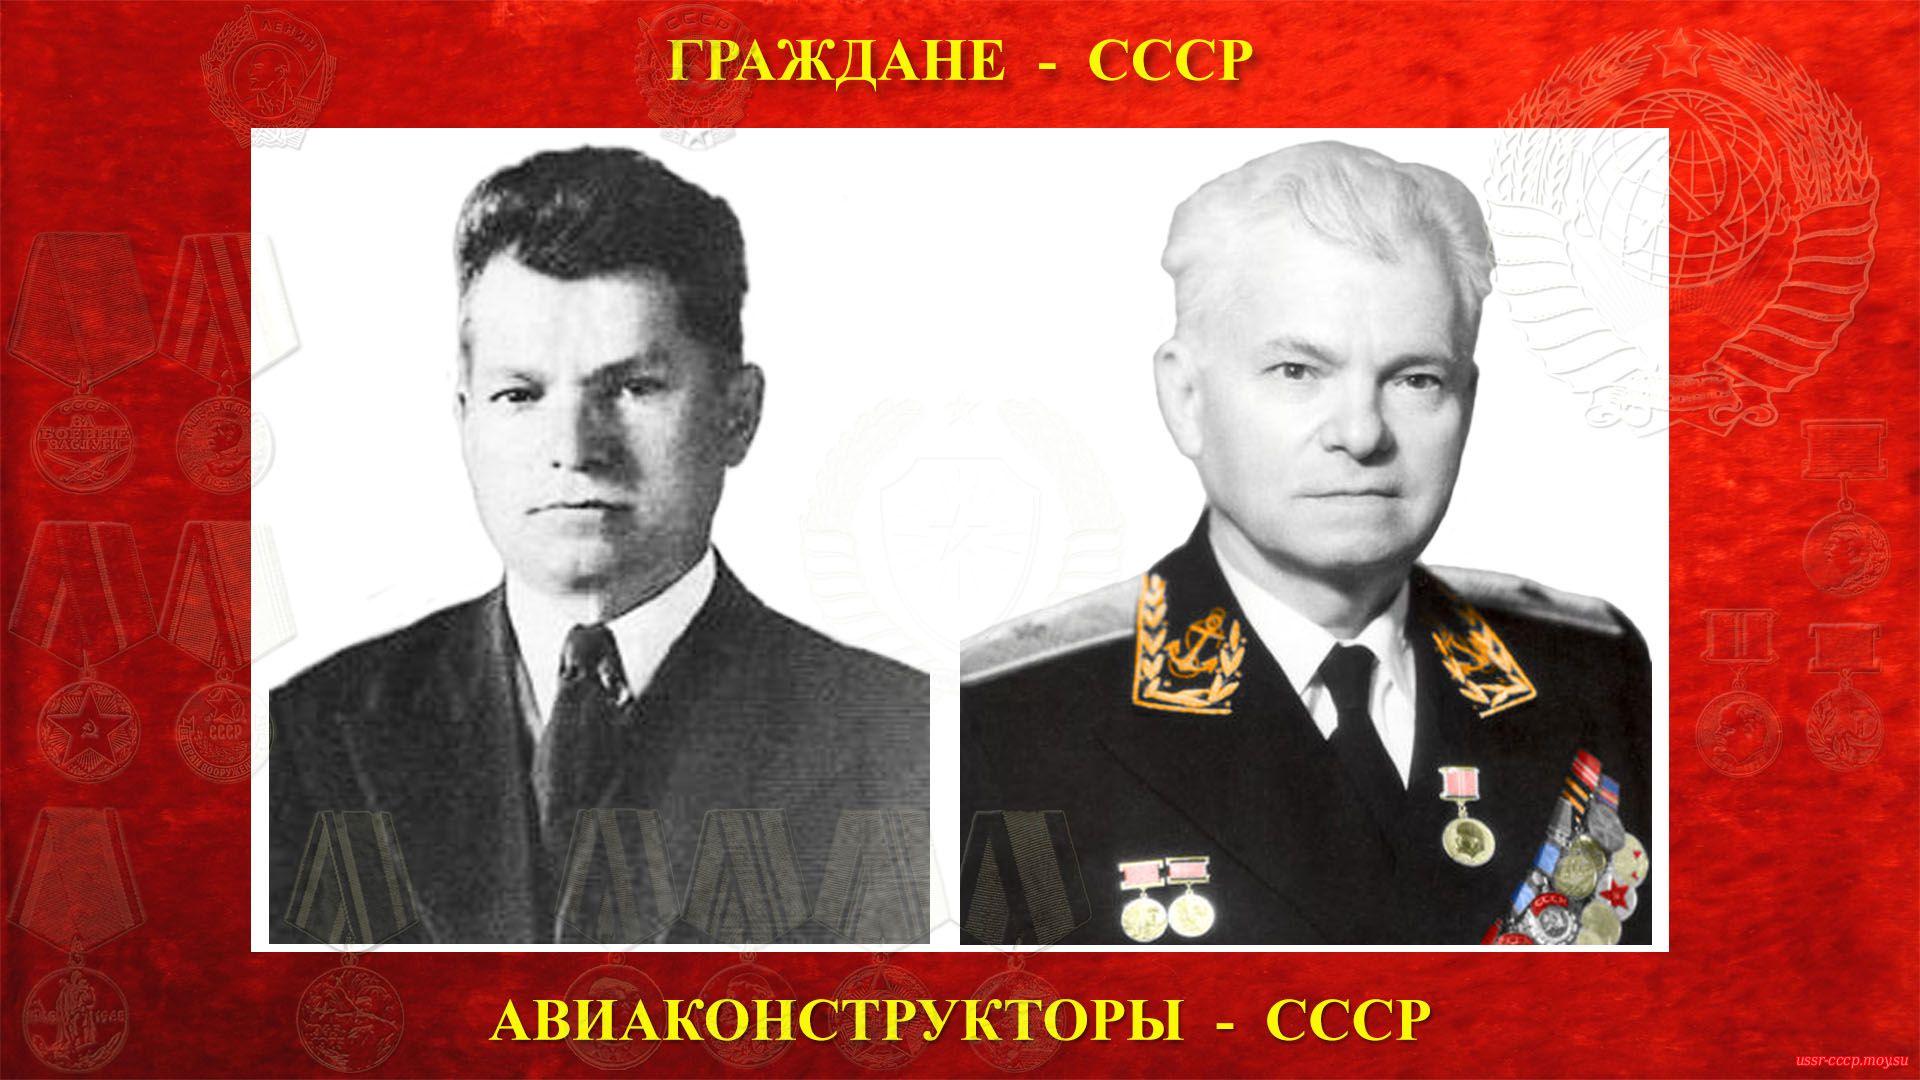 Бериев Георгий Михайлович (Бериашвили) — Советский авиаконструктор — Профессор СССР (13.02.1903—12.07.1979)